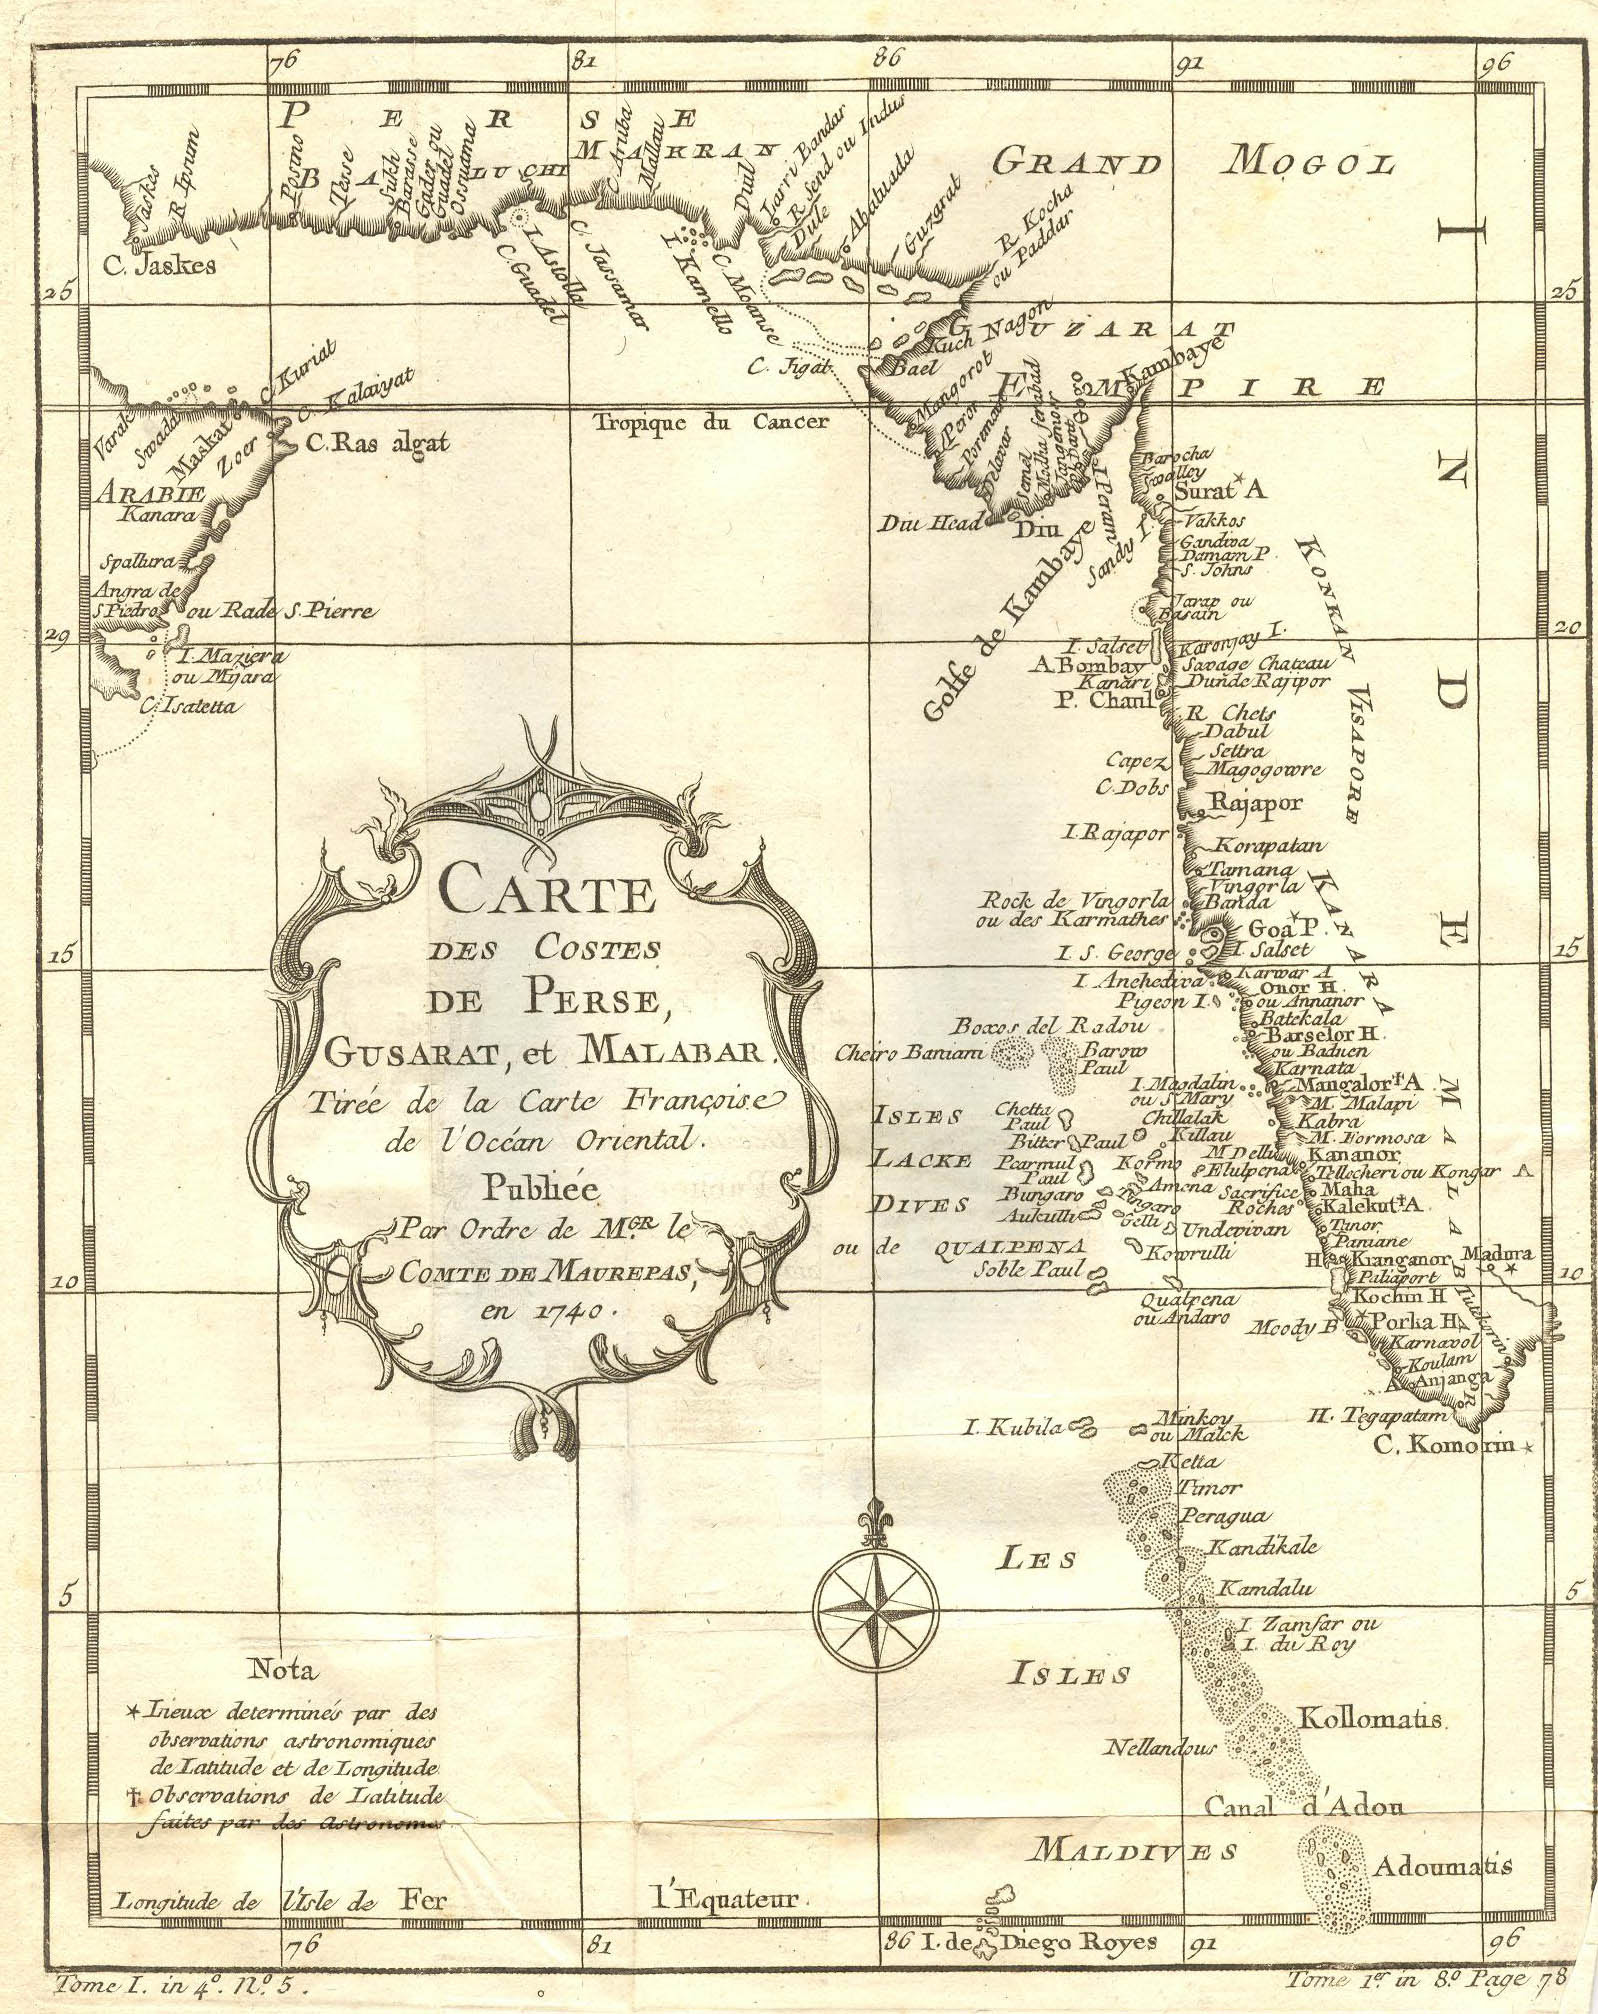 http://www.columbia.edu/itc/mealac/pritchett/00maplinks/mughal/bellinmalabar/malabar1740max.jpg